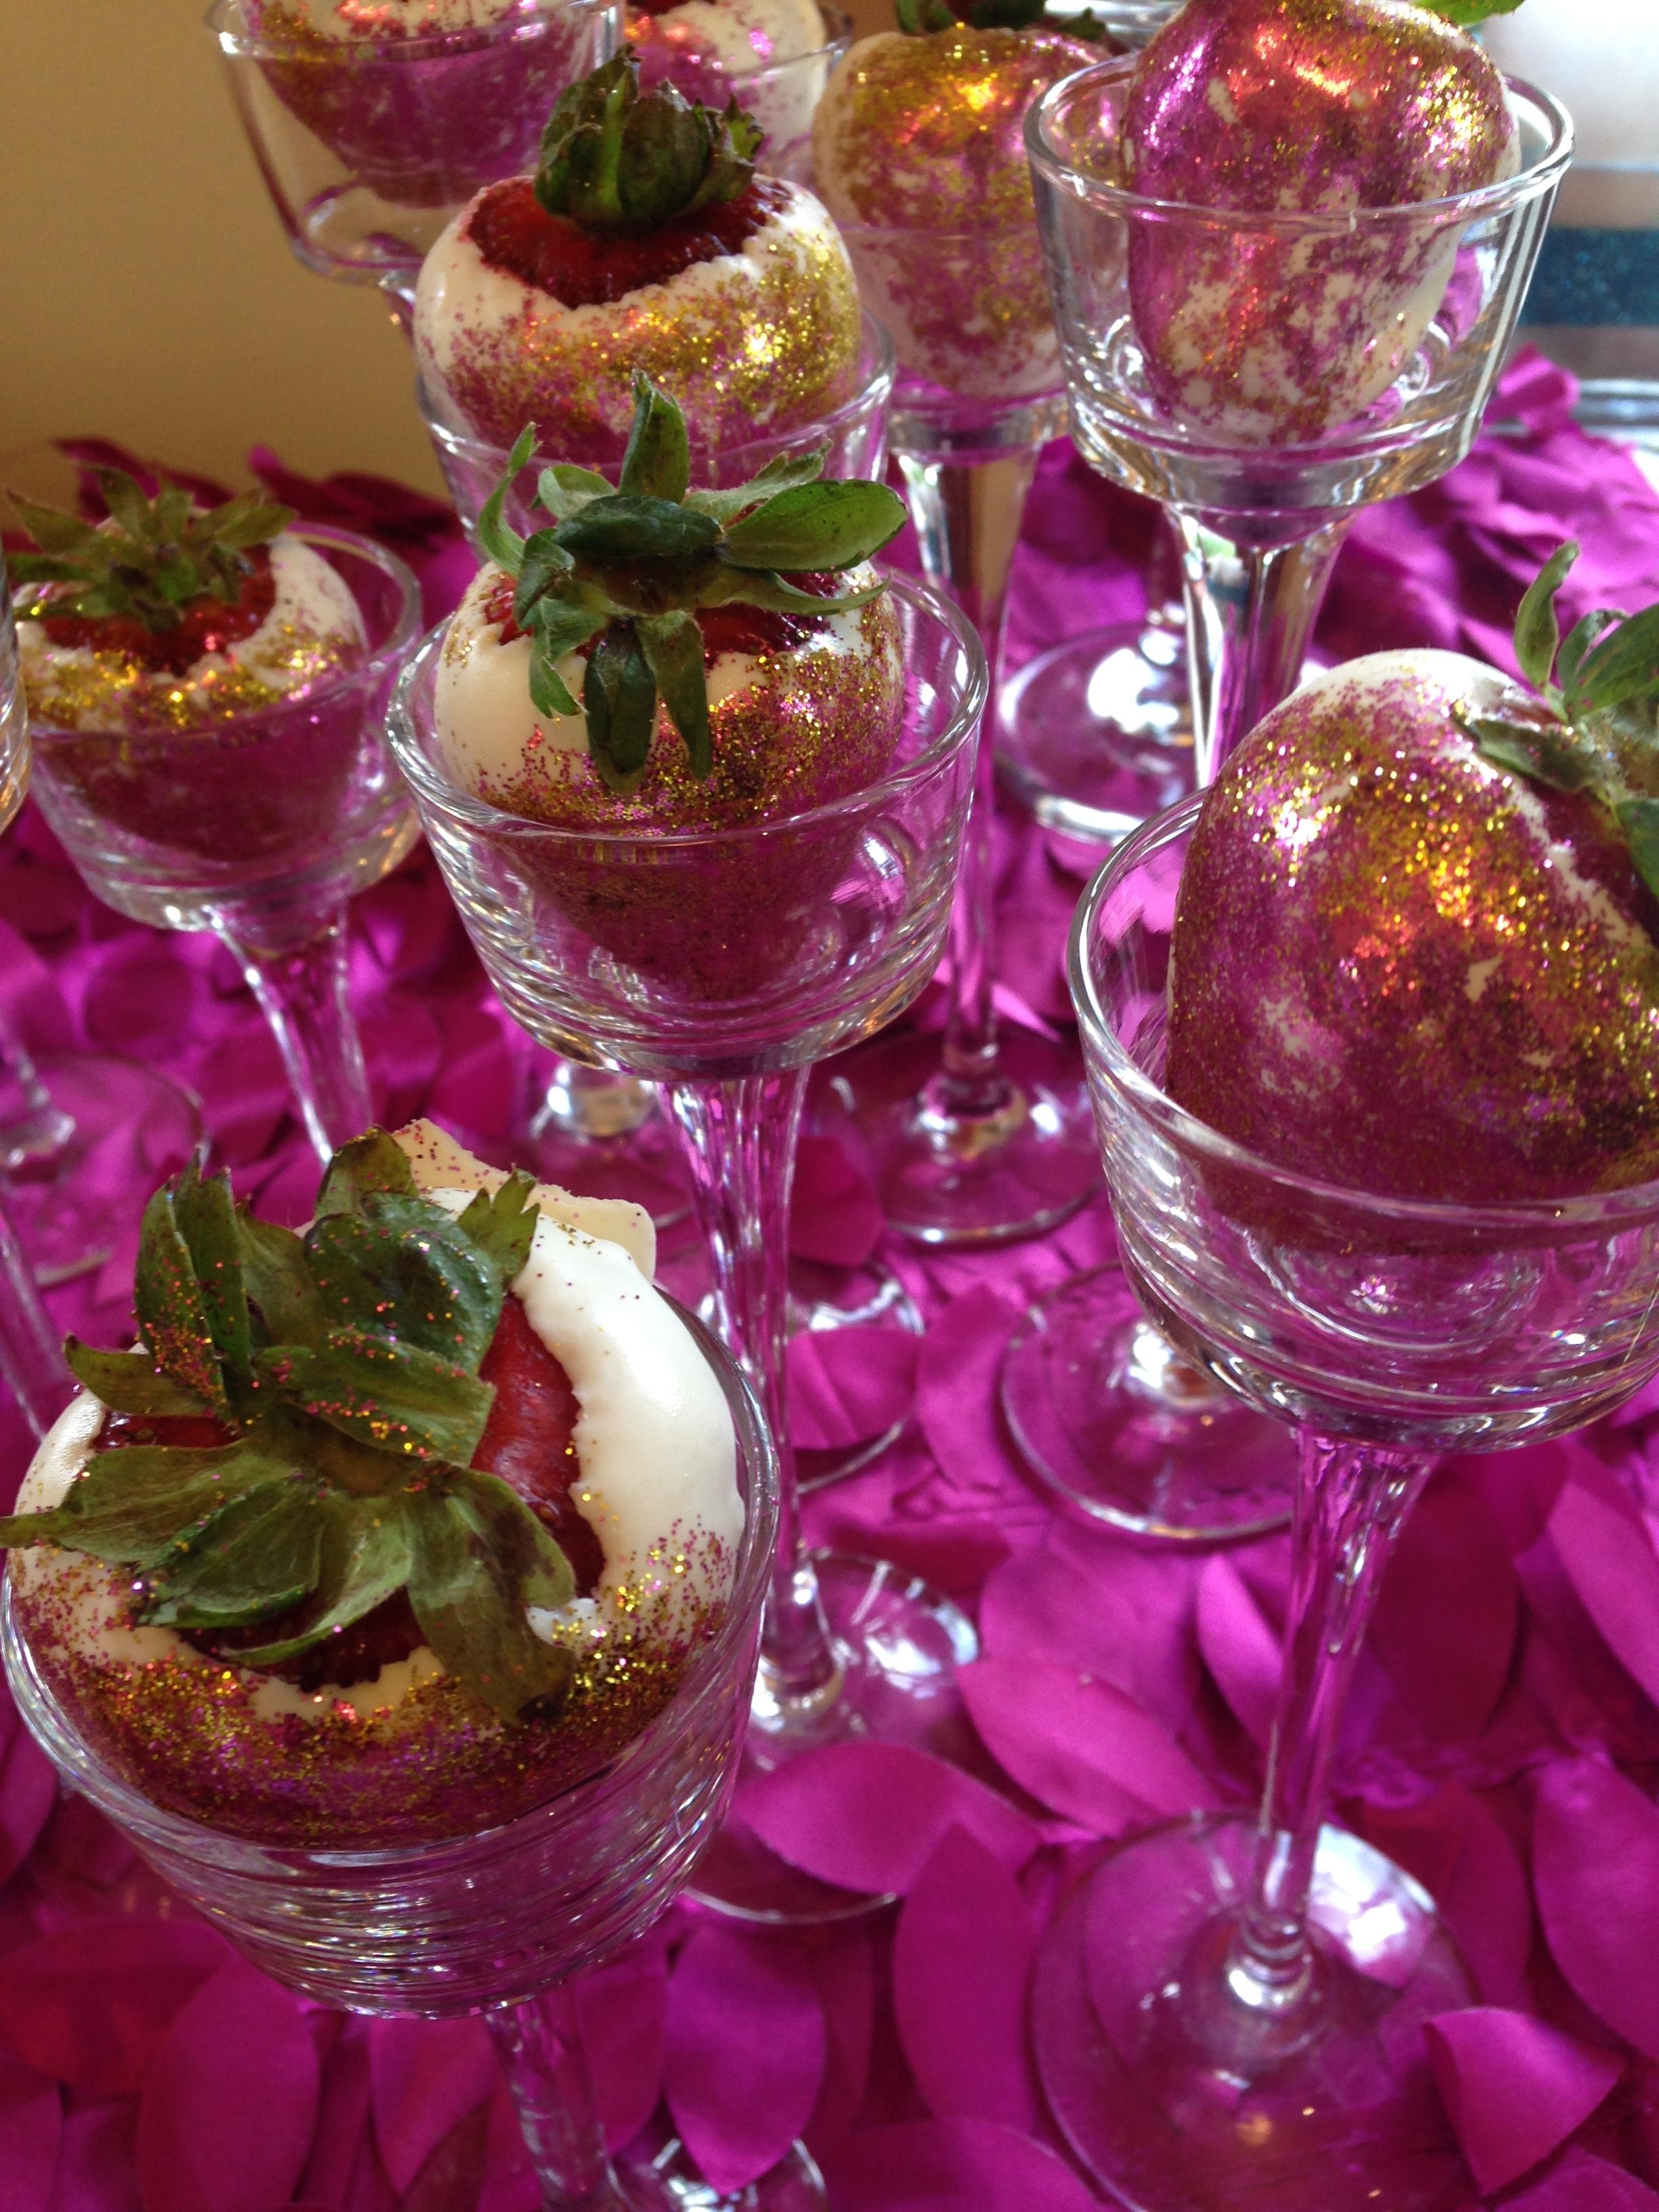 Festival Du Bebe Dessert Table - Chocolate Covered Strawberries